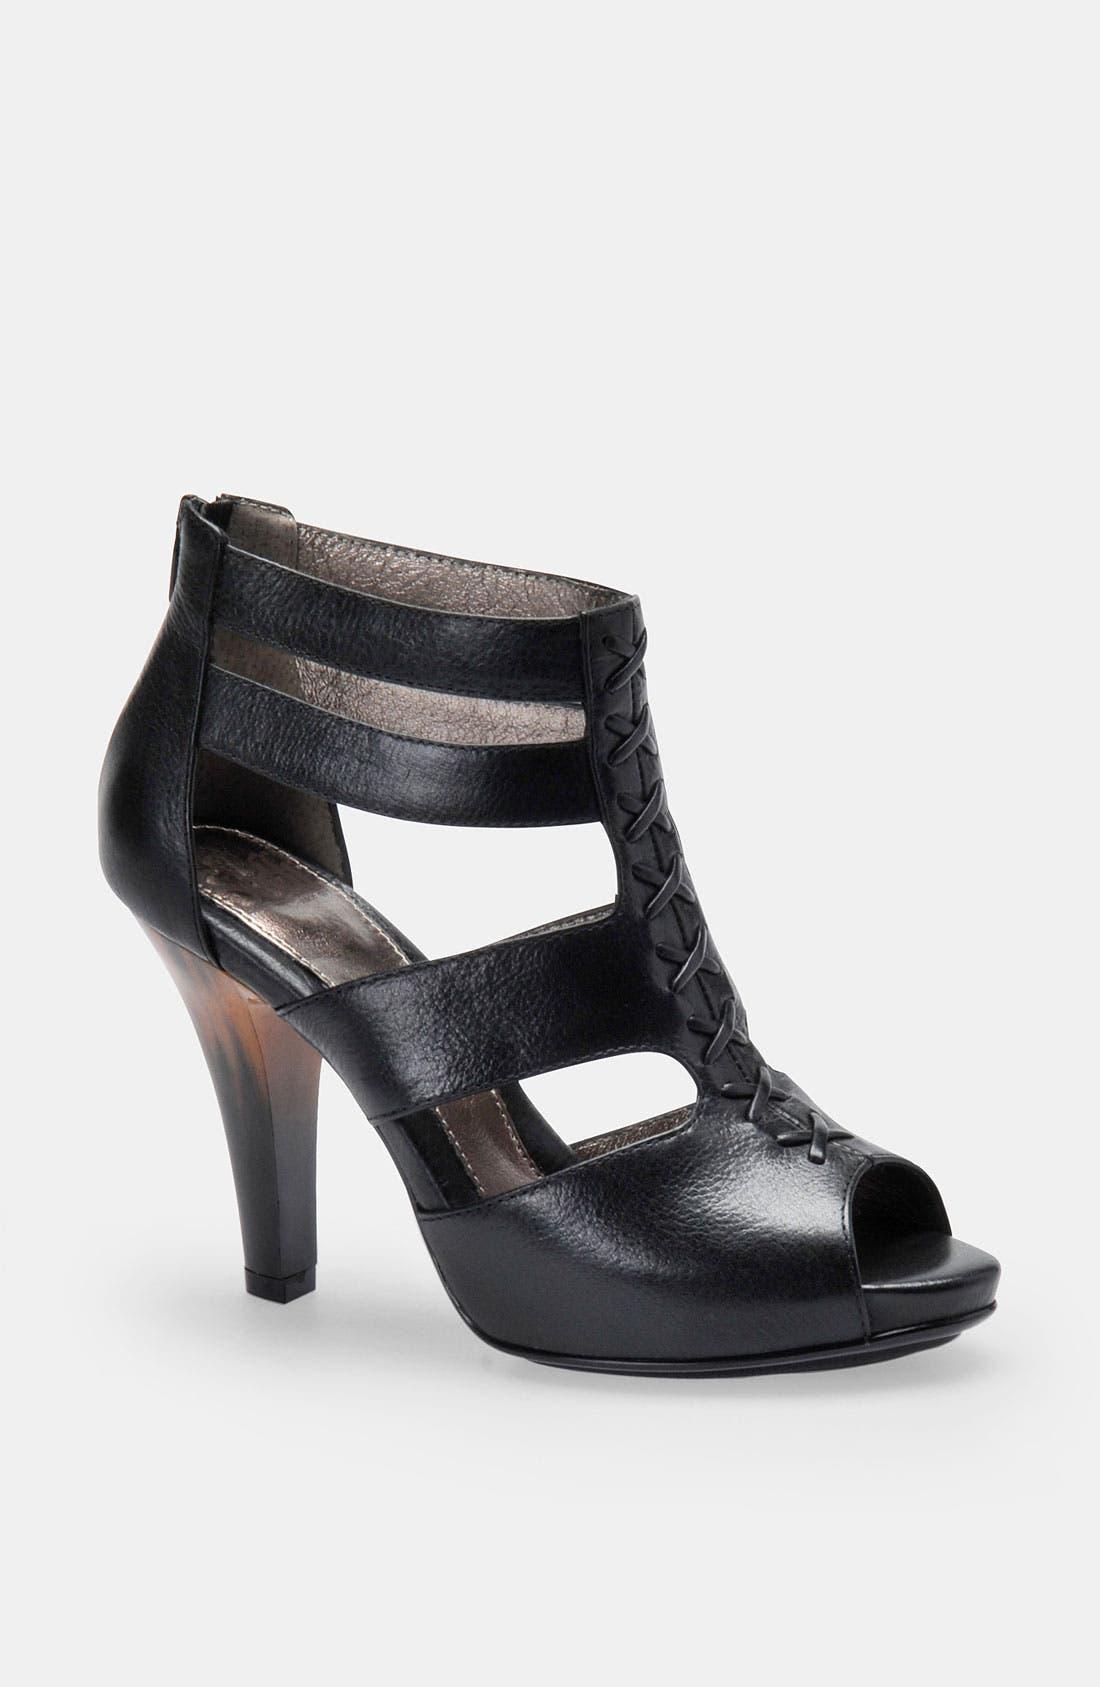 Alternate Image 1 Selected - Söfft 'Pabla' Peep Toe Sandal